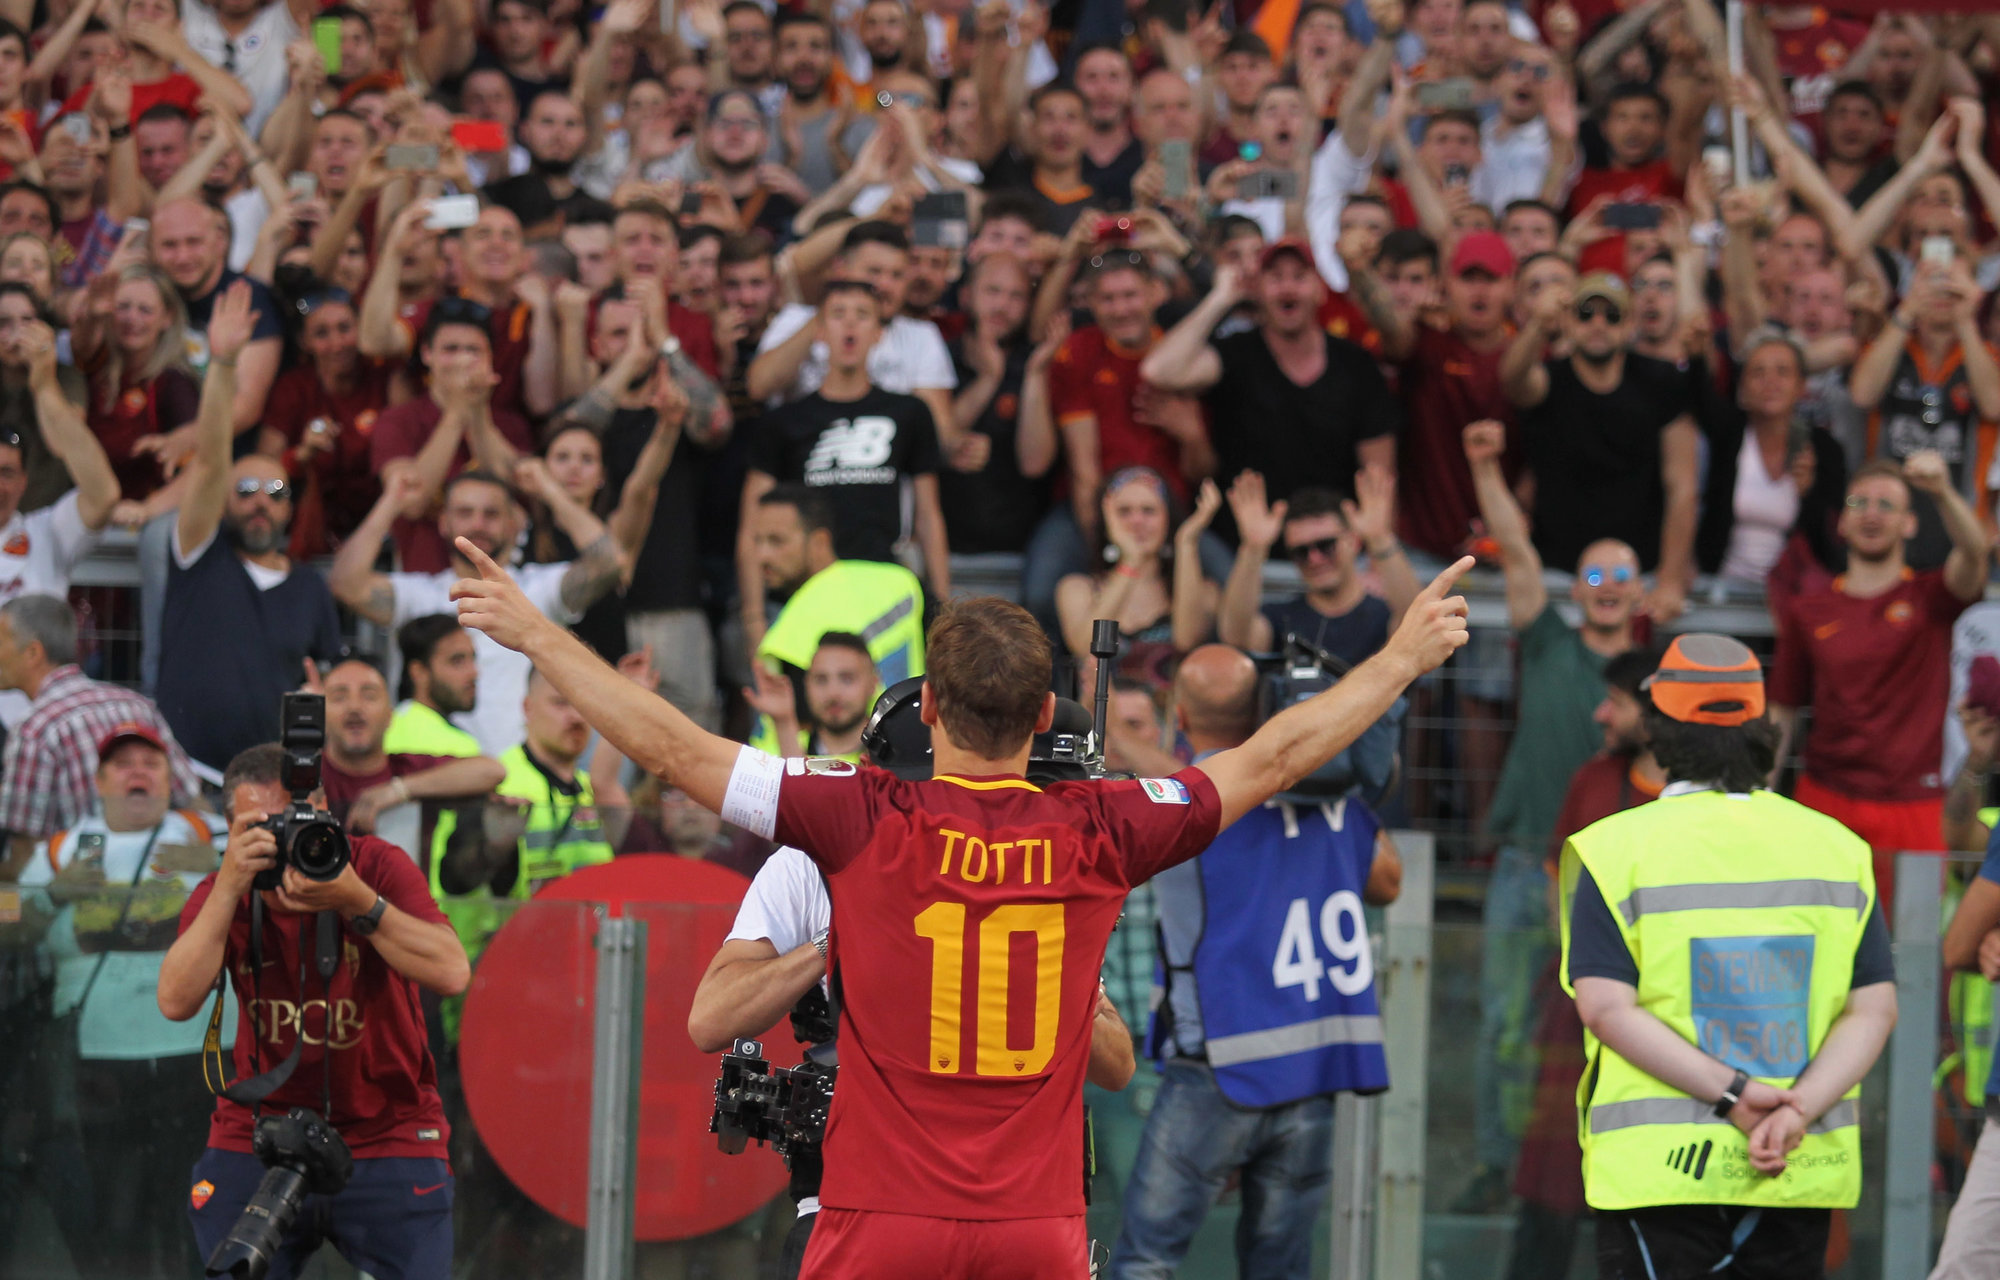 Экс-капитан «Ромы» Франческо Тотти объявил, что может продолжить карьеру футболиста